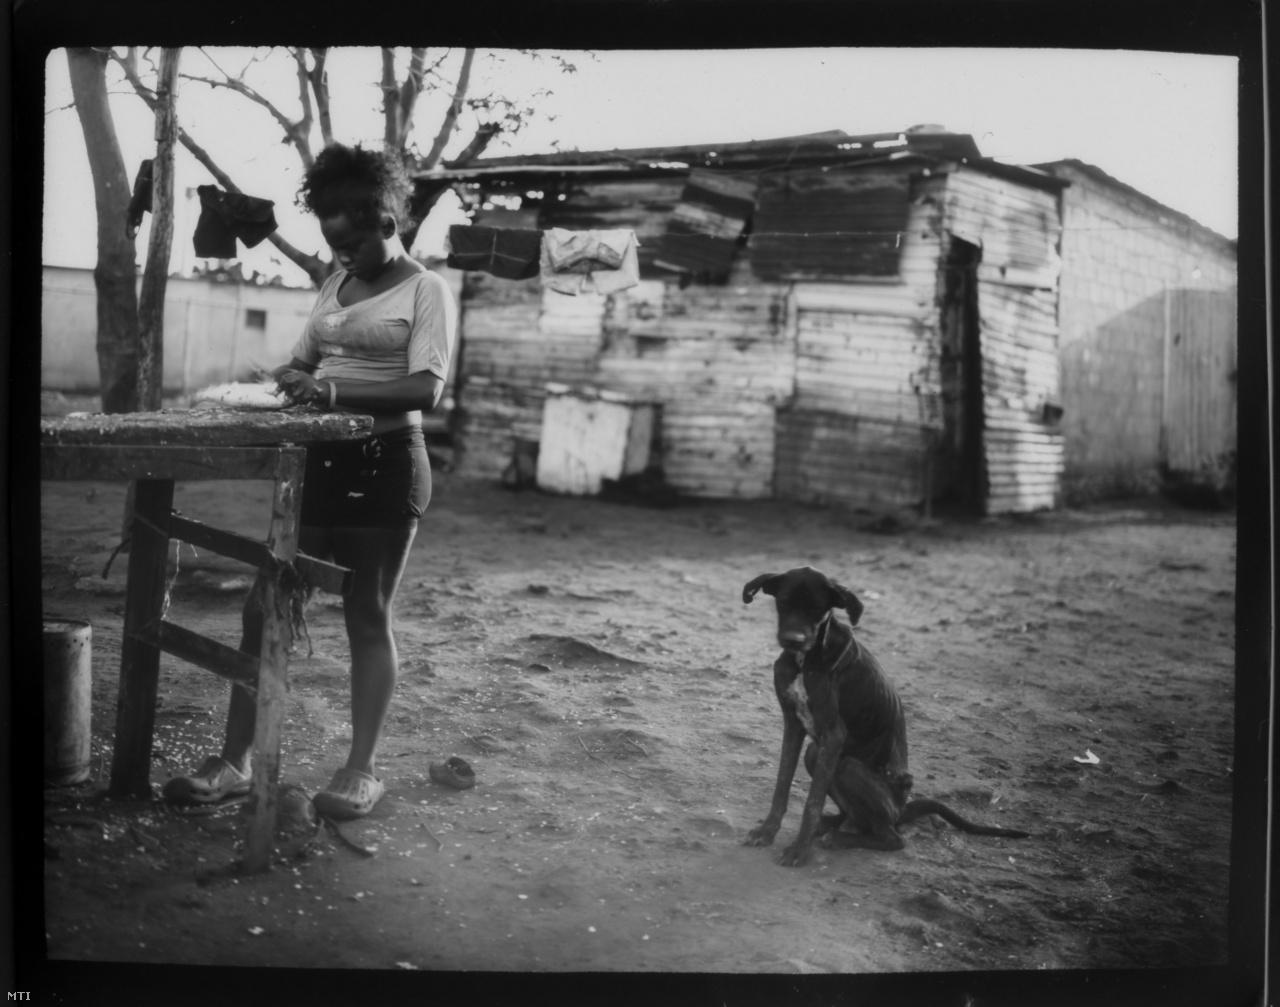 Fabiola Elizalzabal azokról a halakról próbálja lepucolni az olajat, amelyeket apja fogott ki a Maracaiboból.